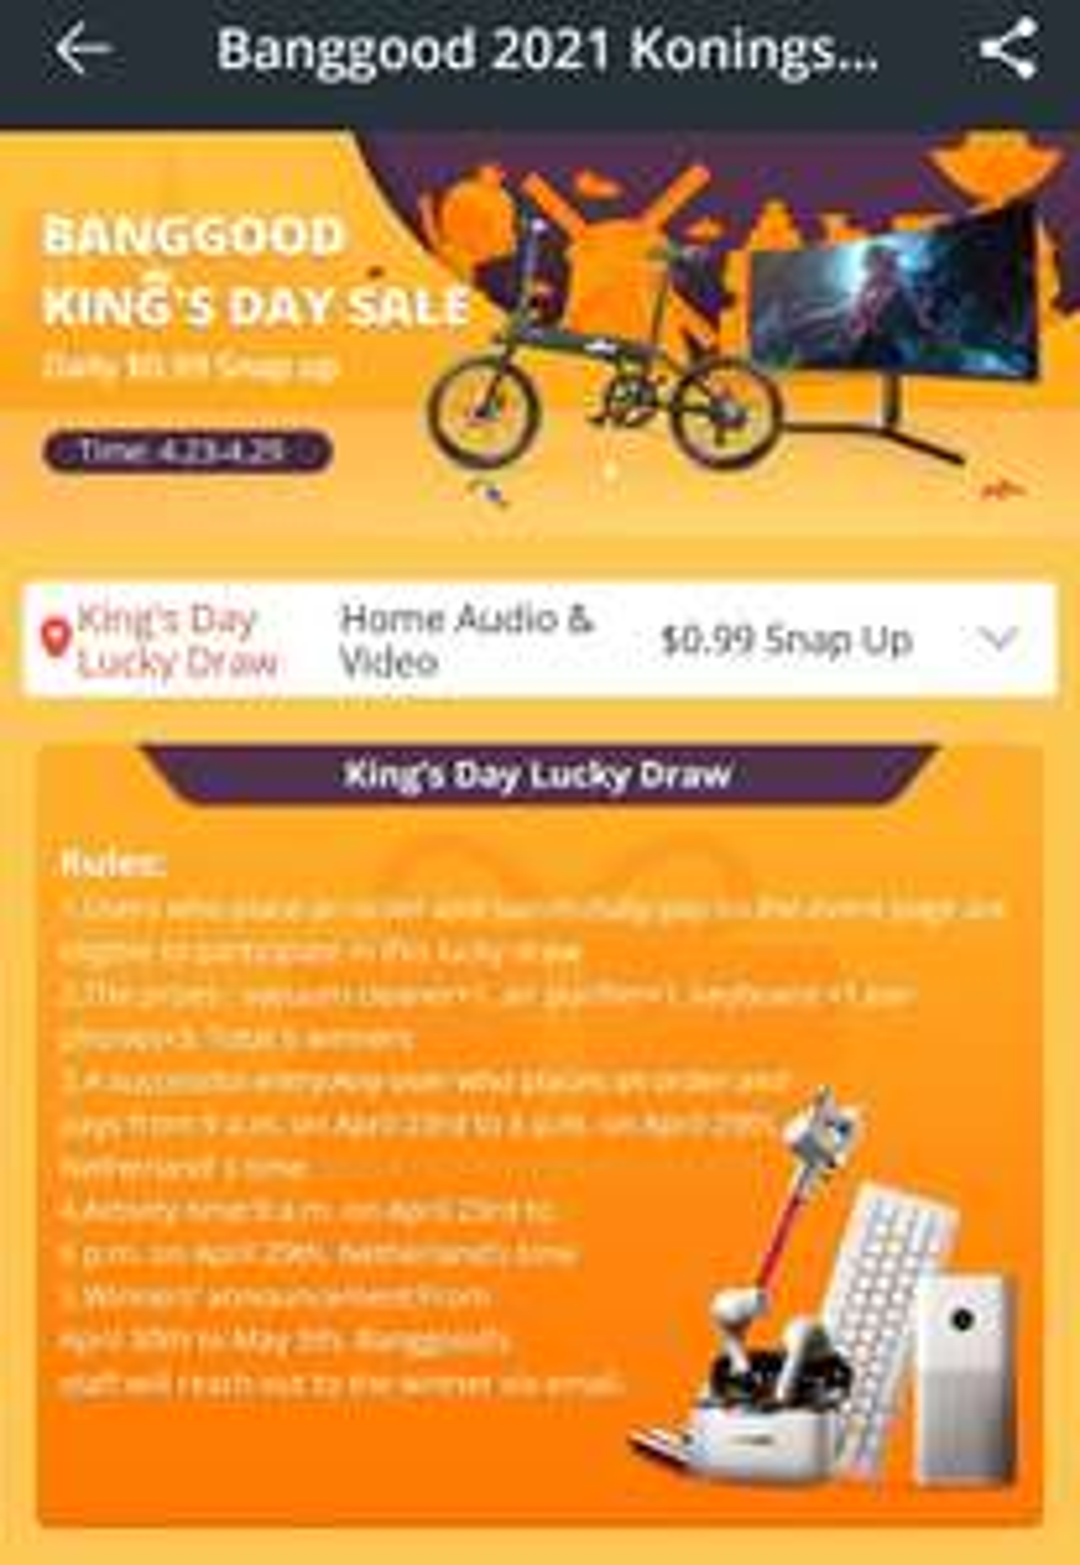 Banggood koningsdagdeals bv Xiaomi 23,8 inch&34 inch (gaming) monitors